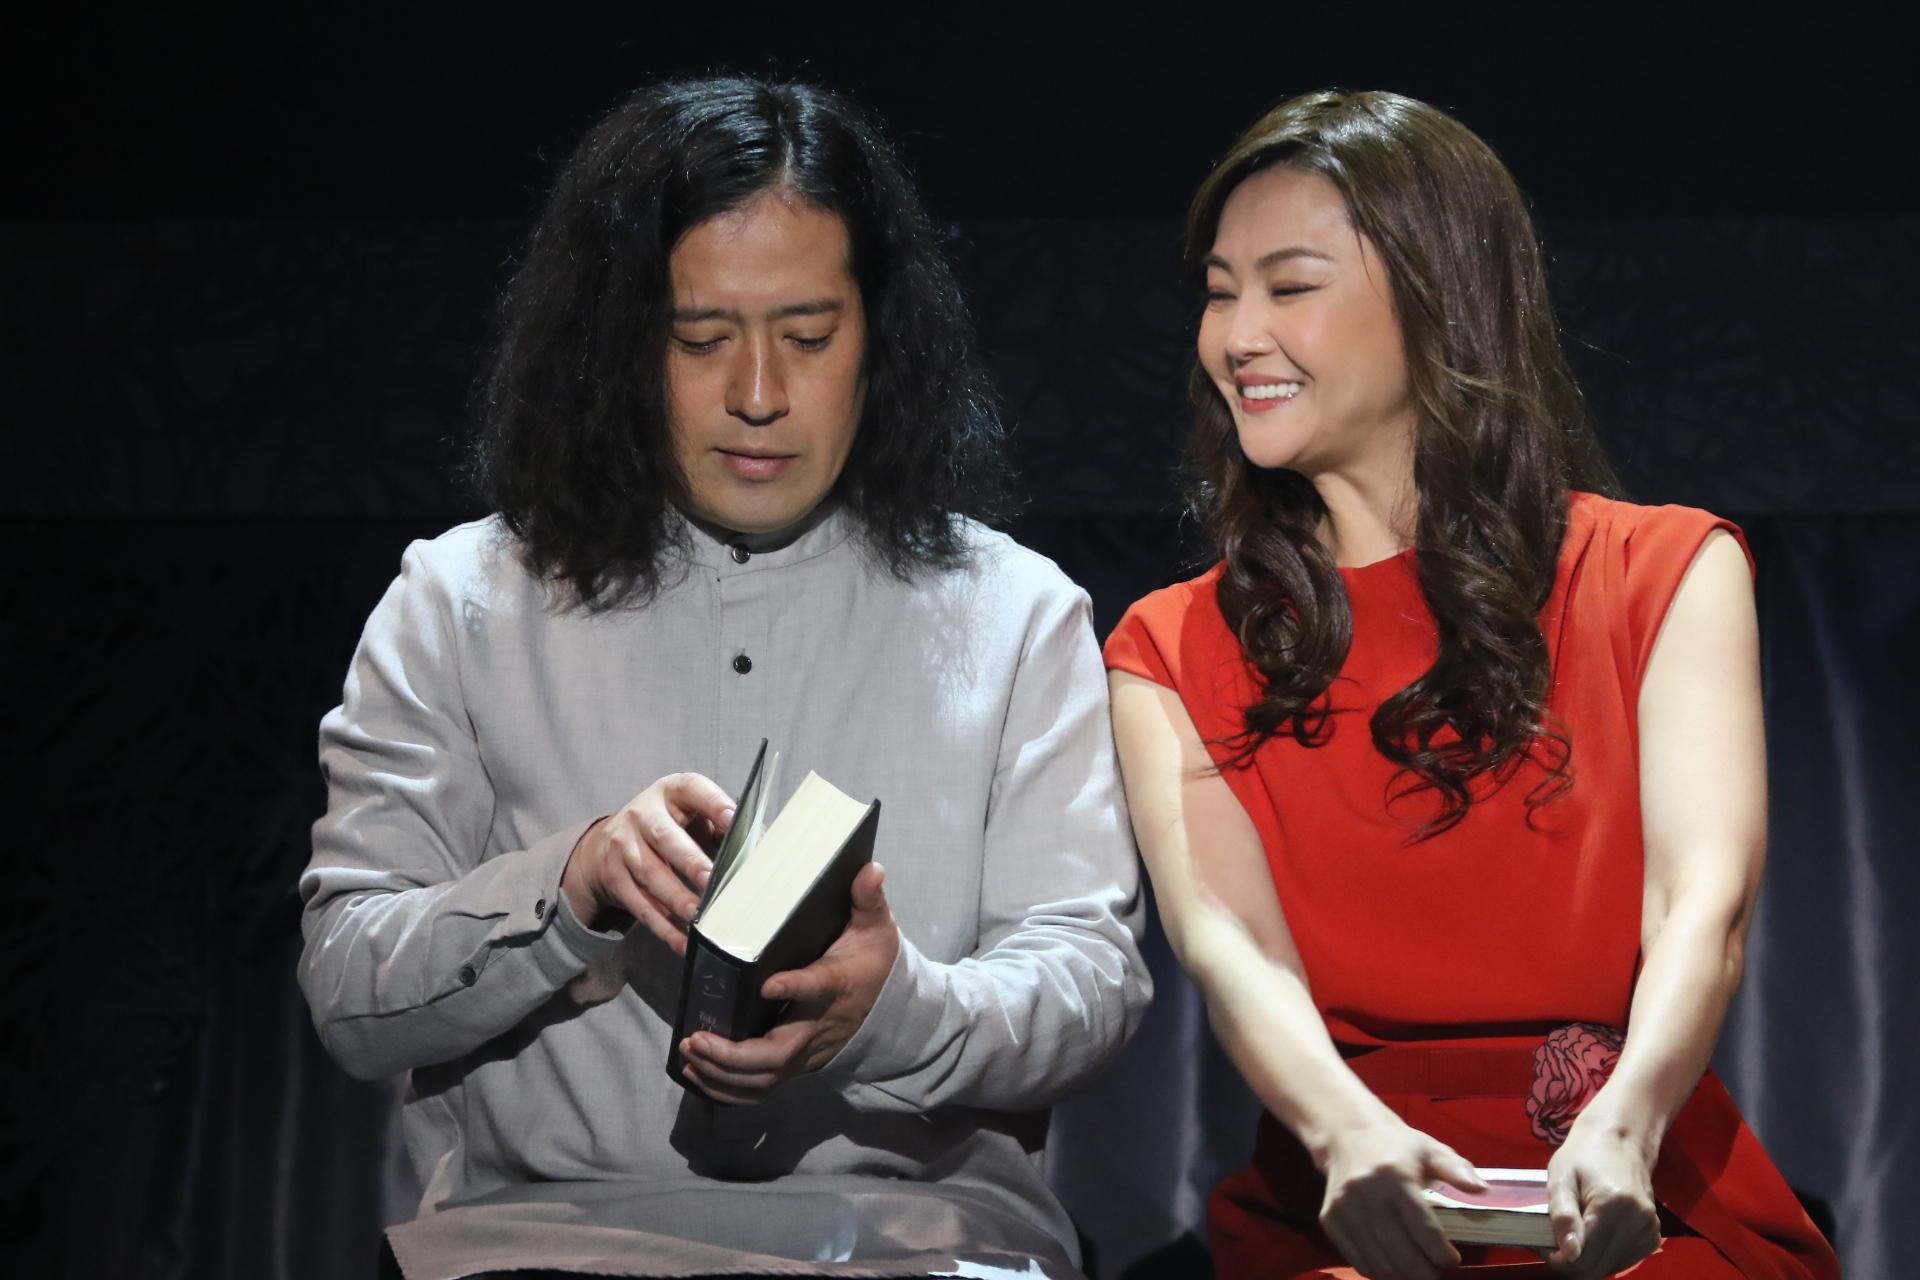 http://news.yoshimoto.co.jp/20180330224235-2654a7c69776cb722b6522289563318043aebf00.jpg